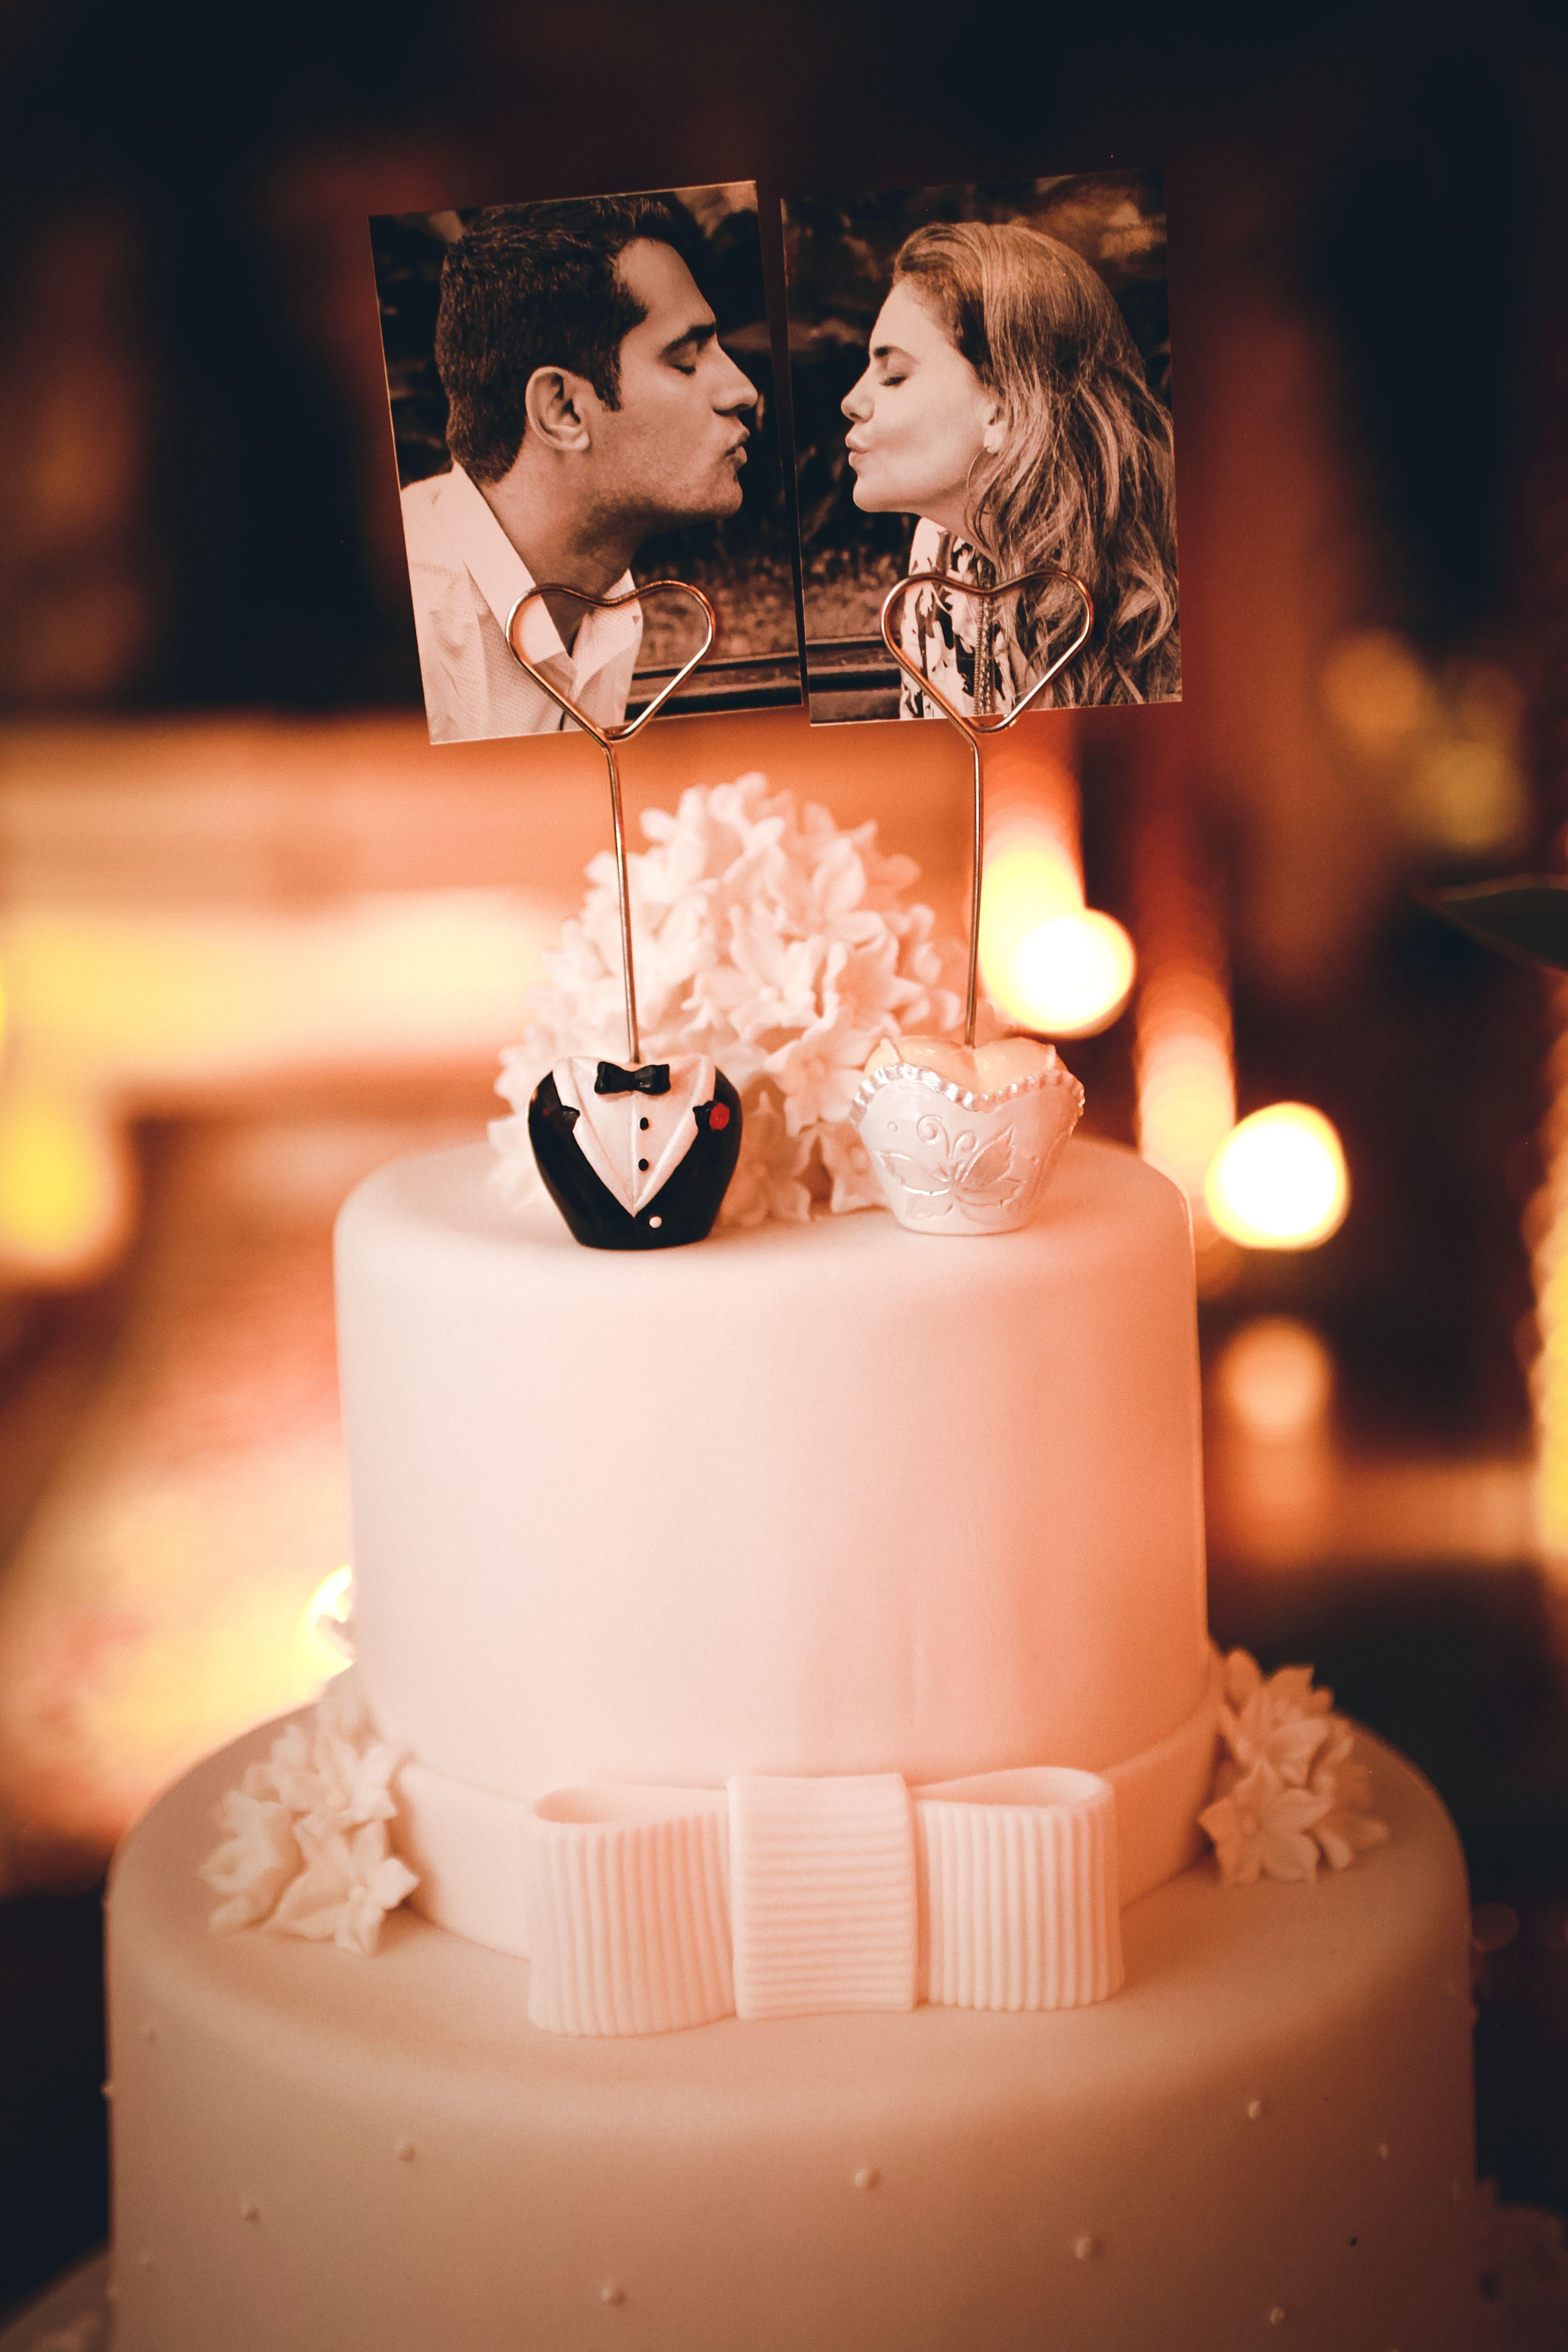 topo de bolo cake topper foto casal Bolo de casamento